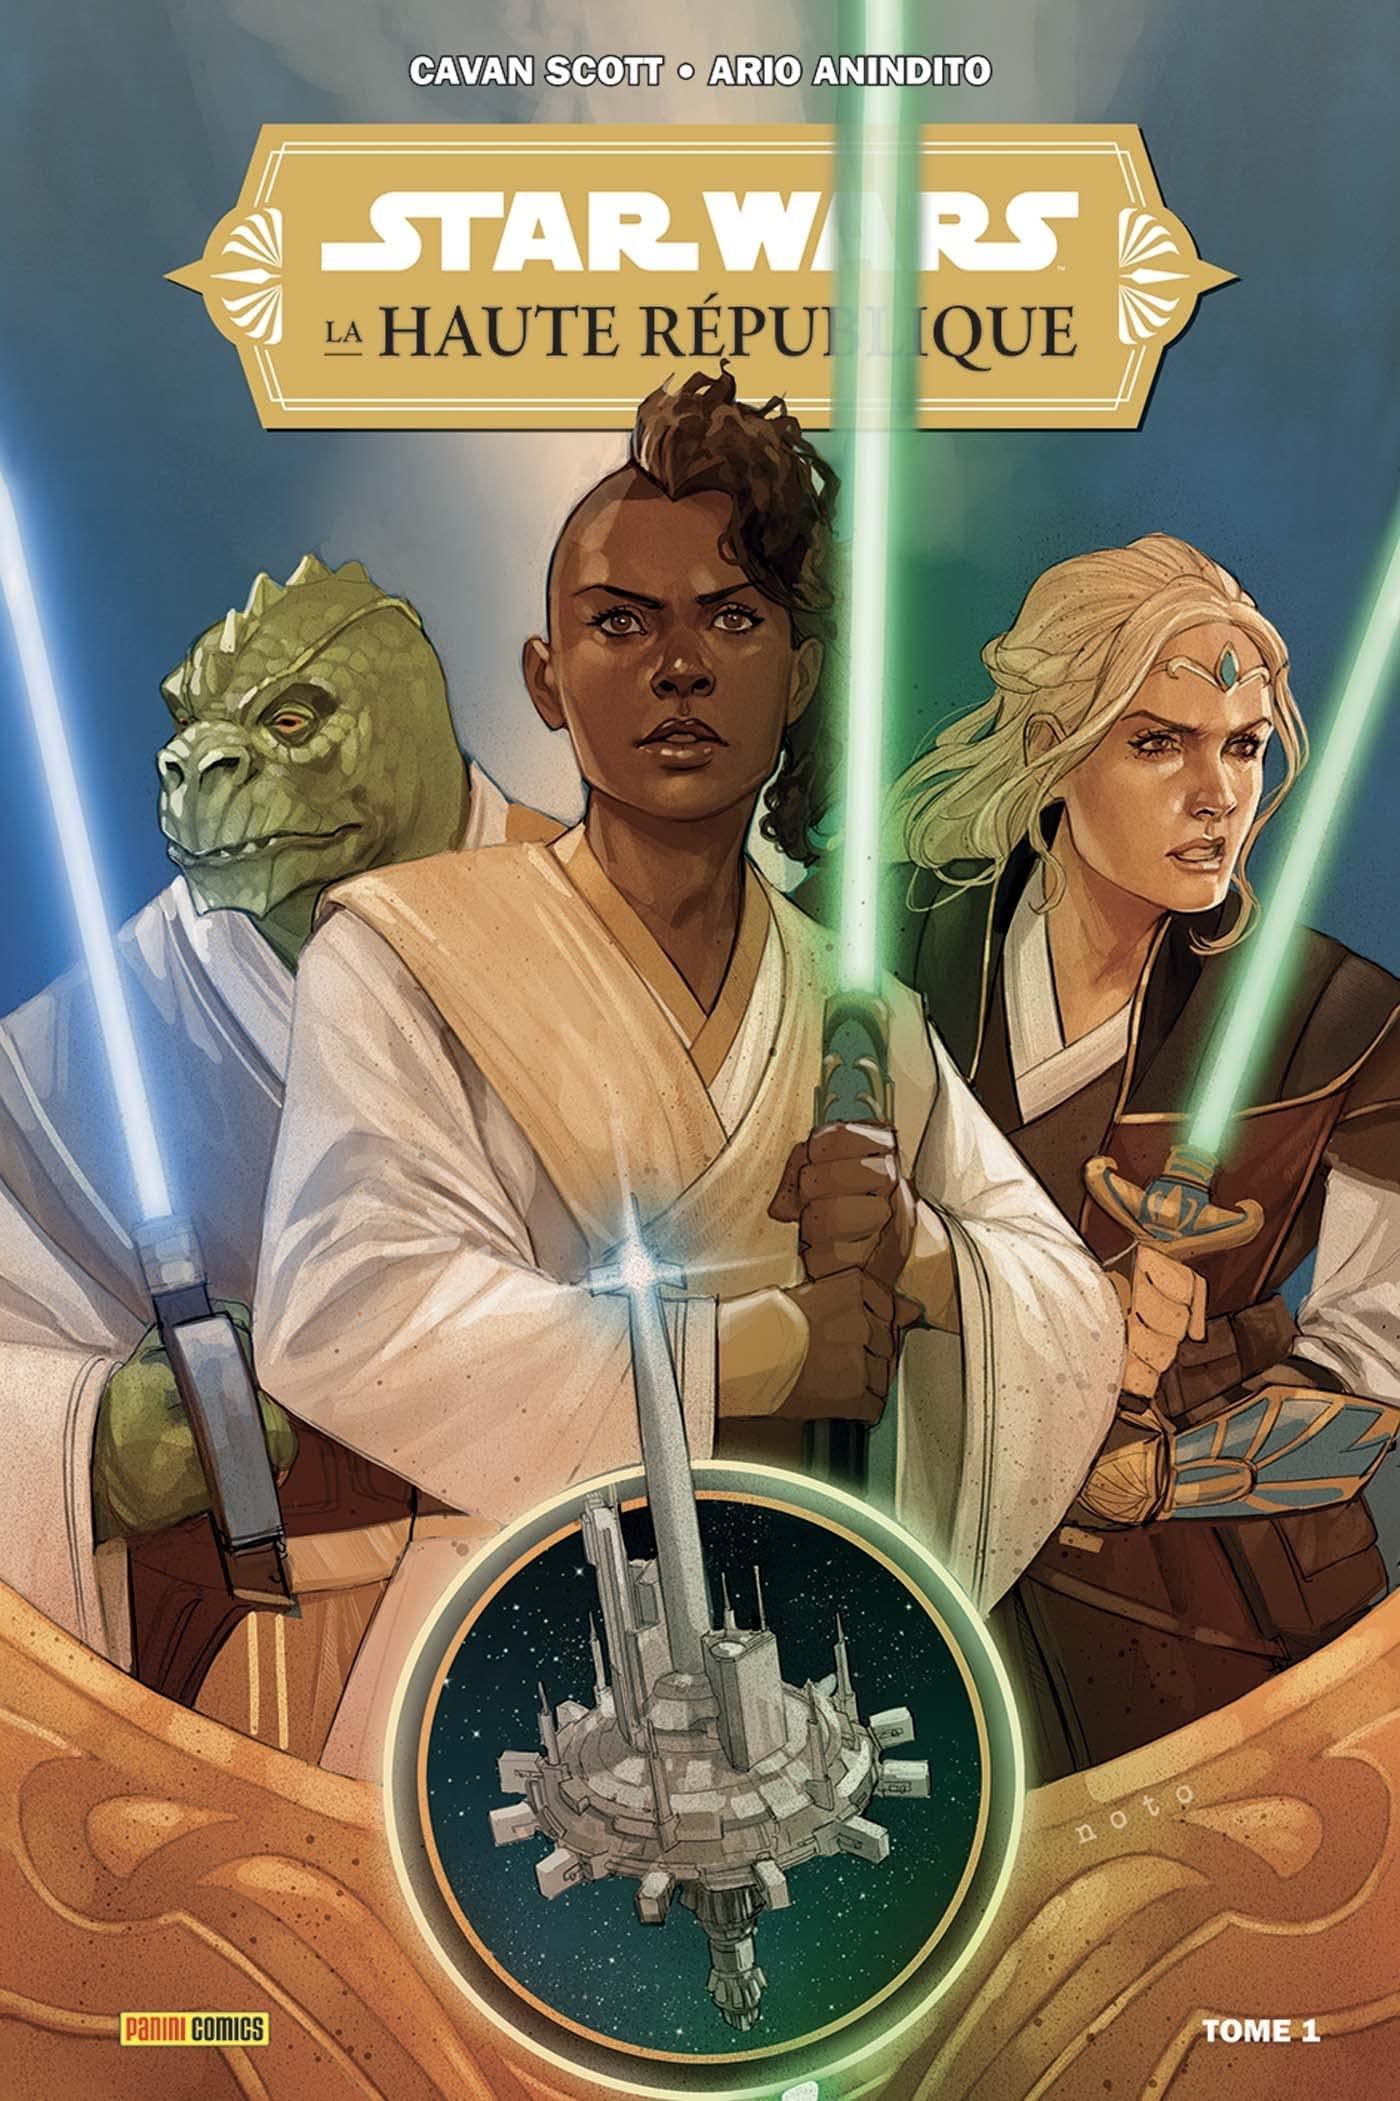 Star wars - La haute République 1